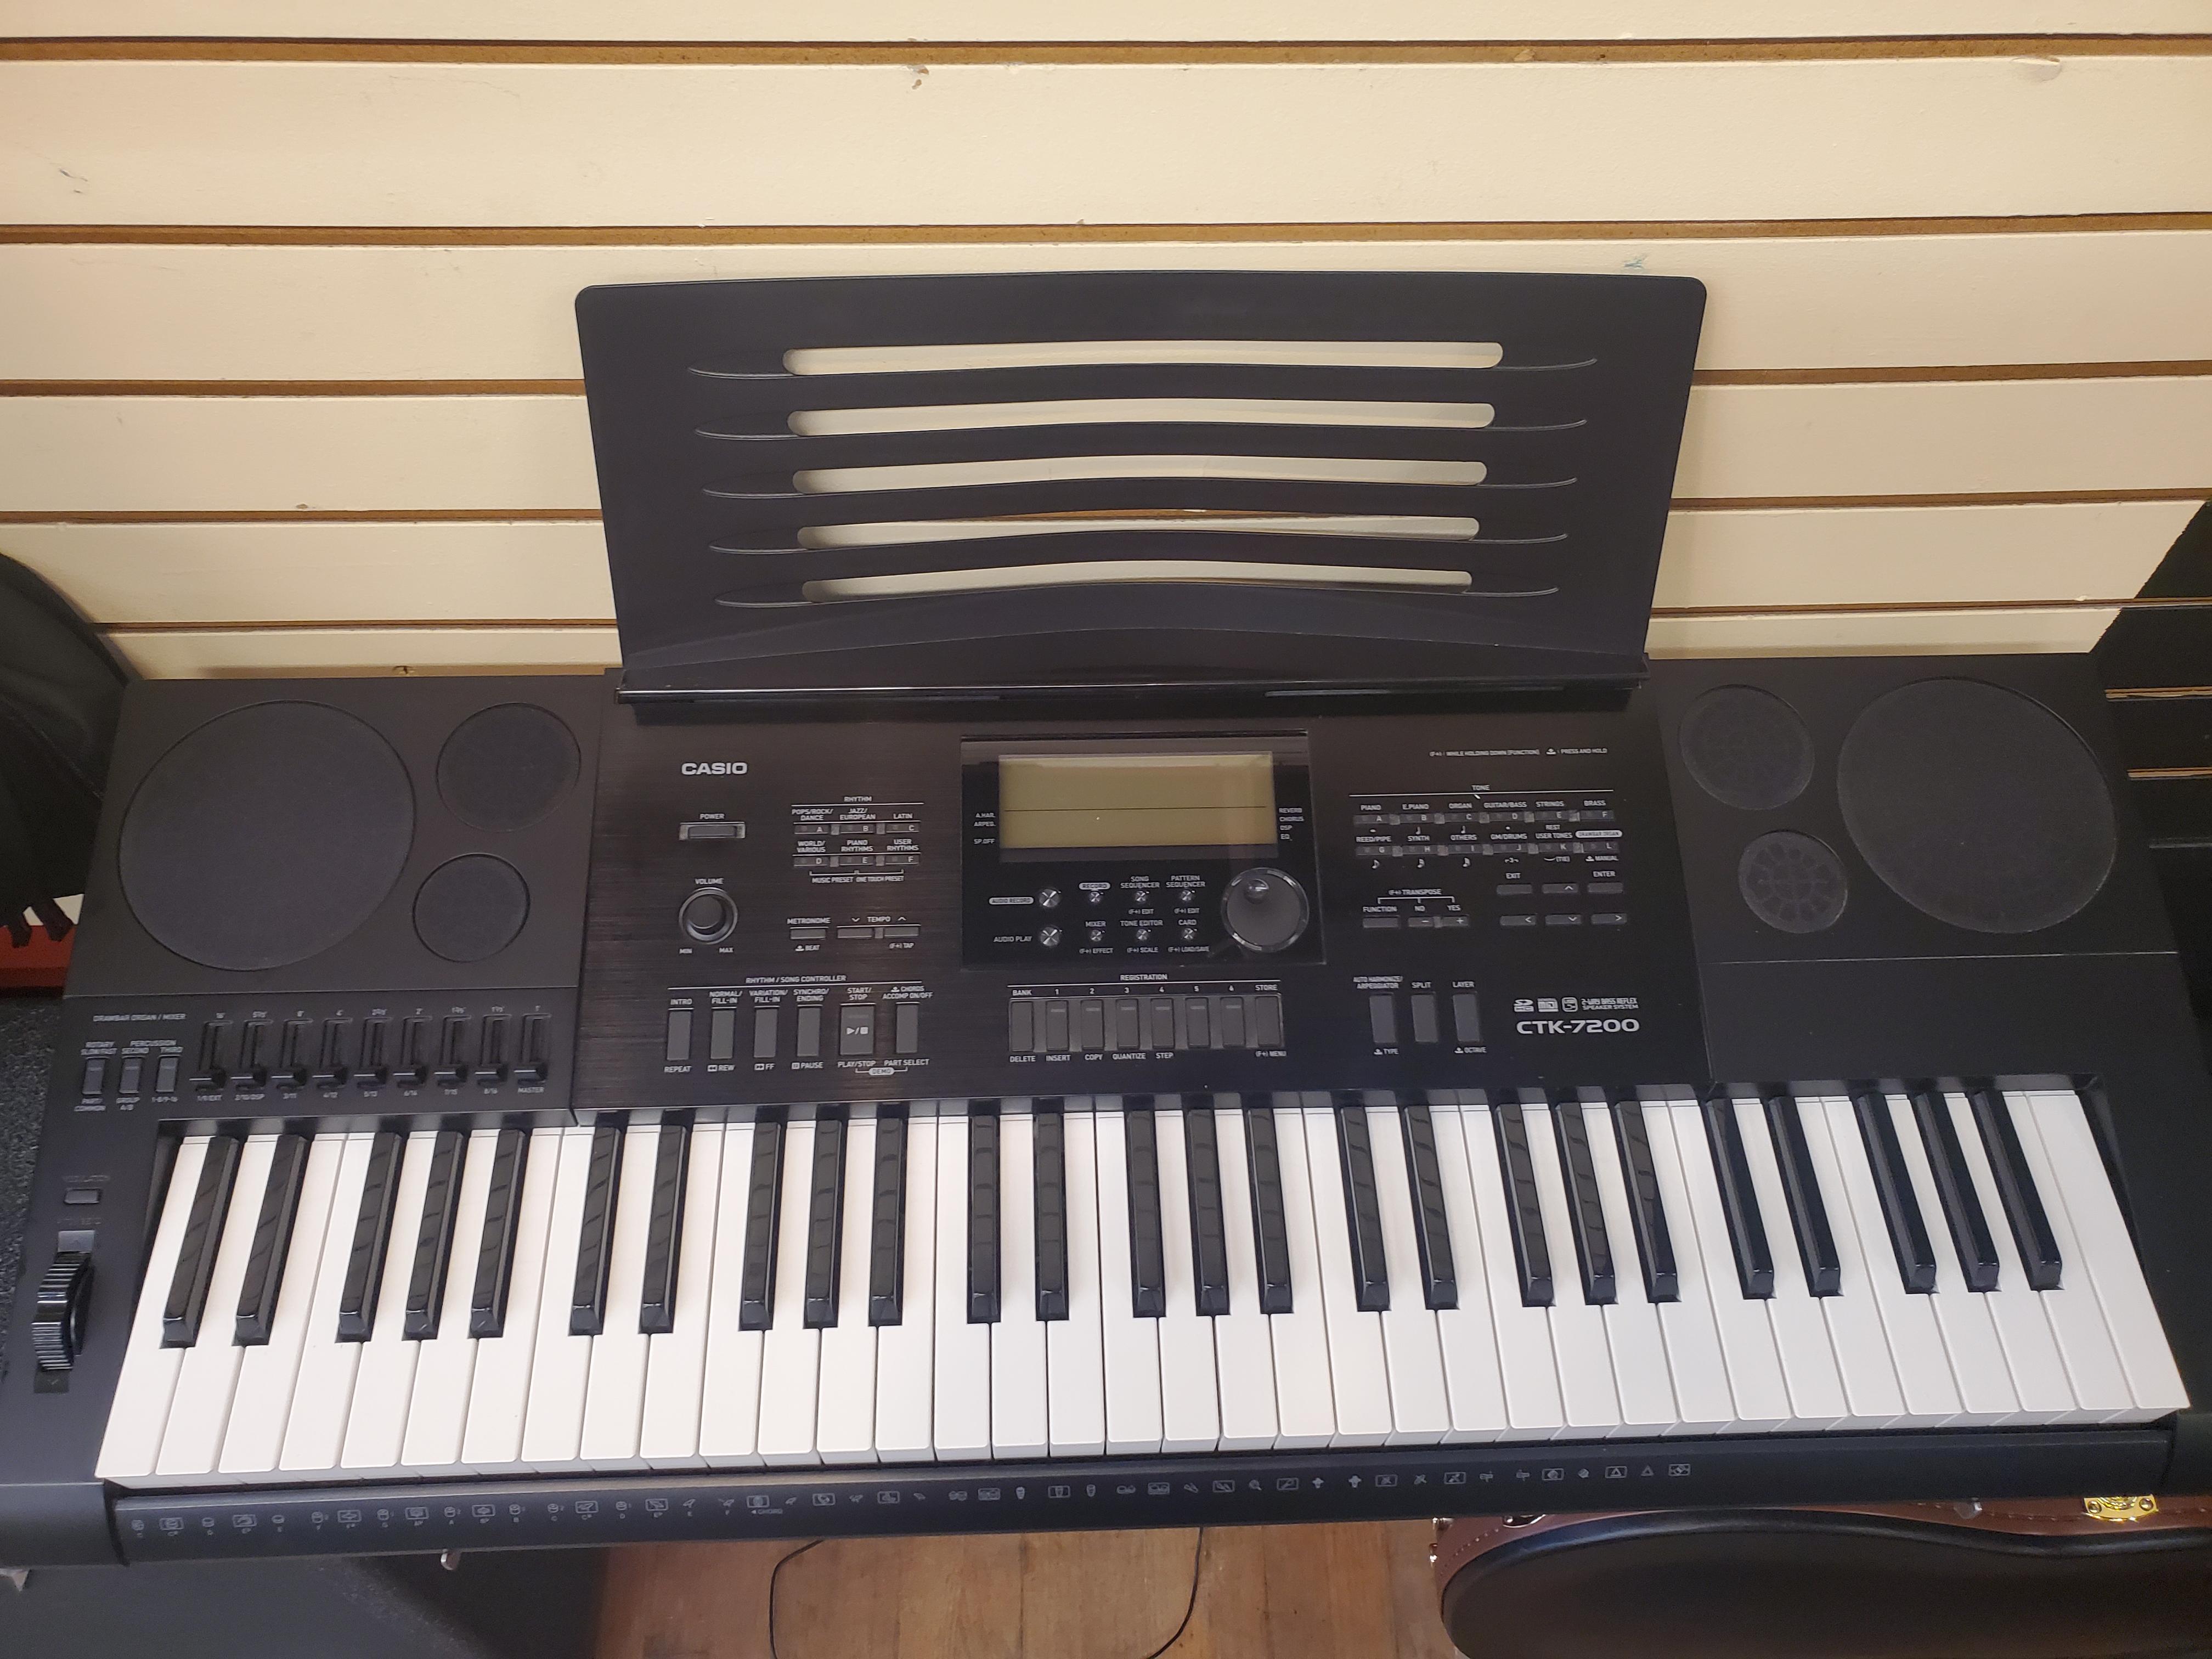 Used Casio CTK 7200 Keyboard